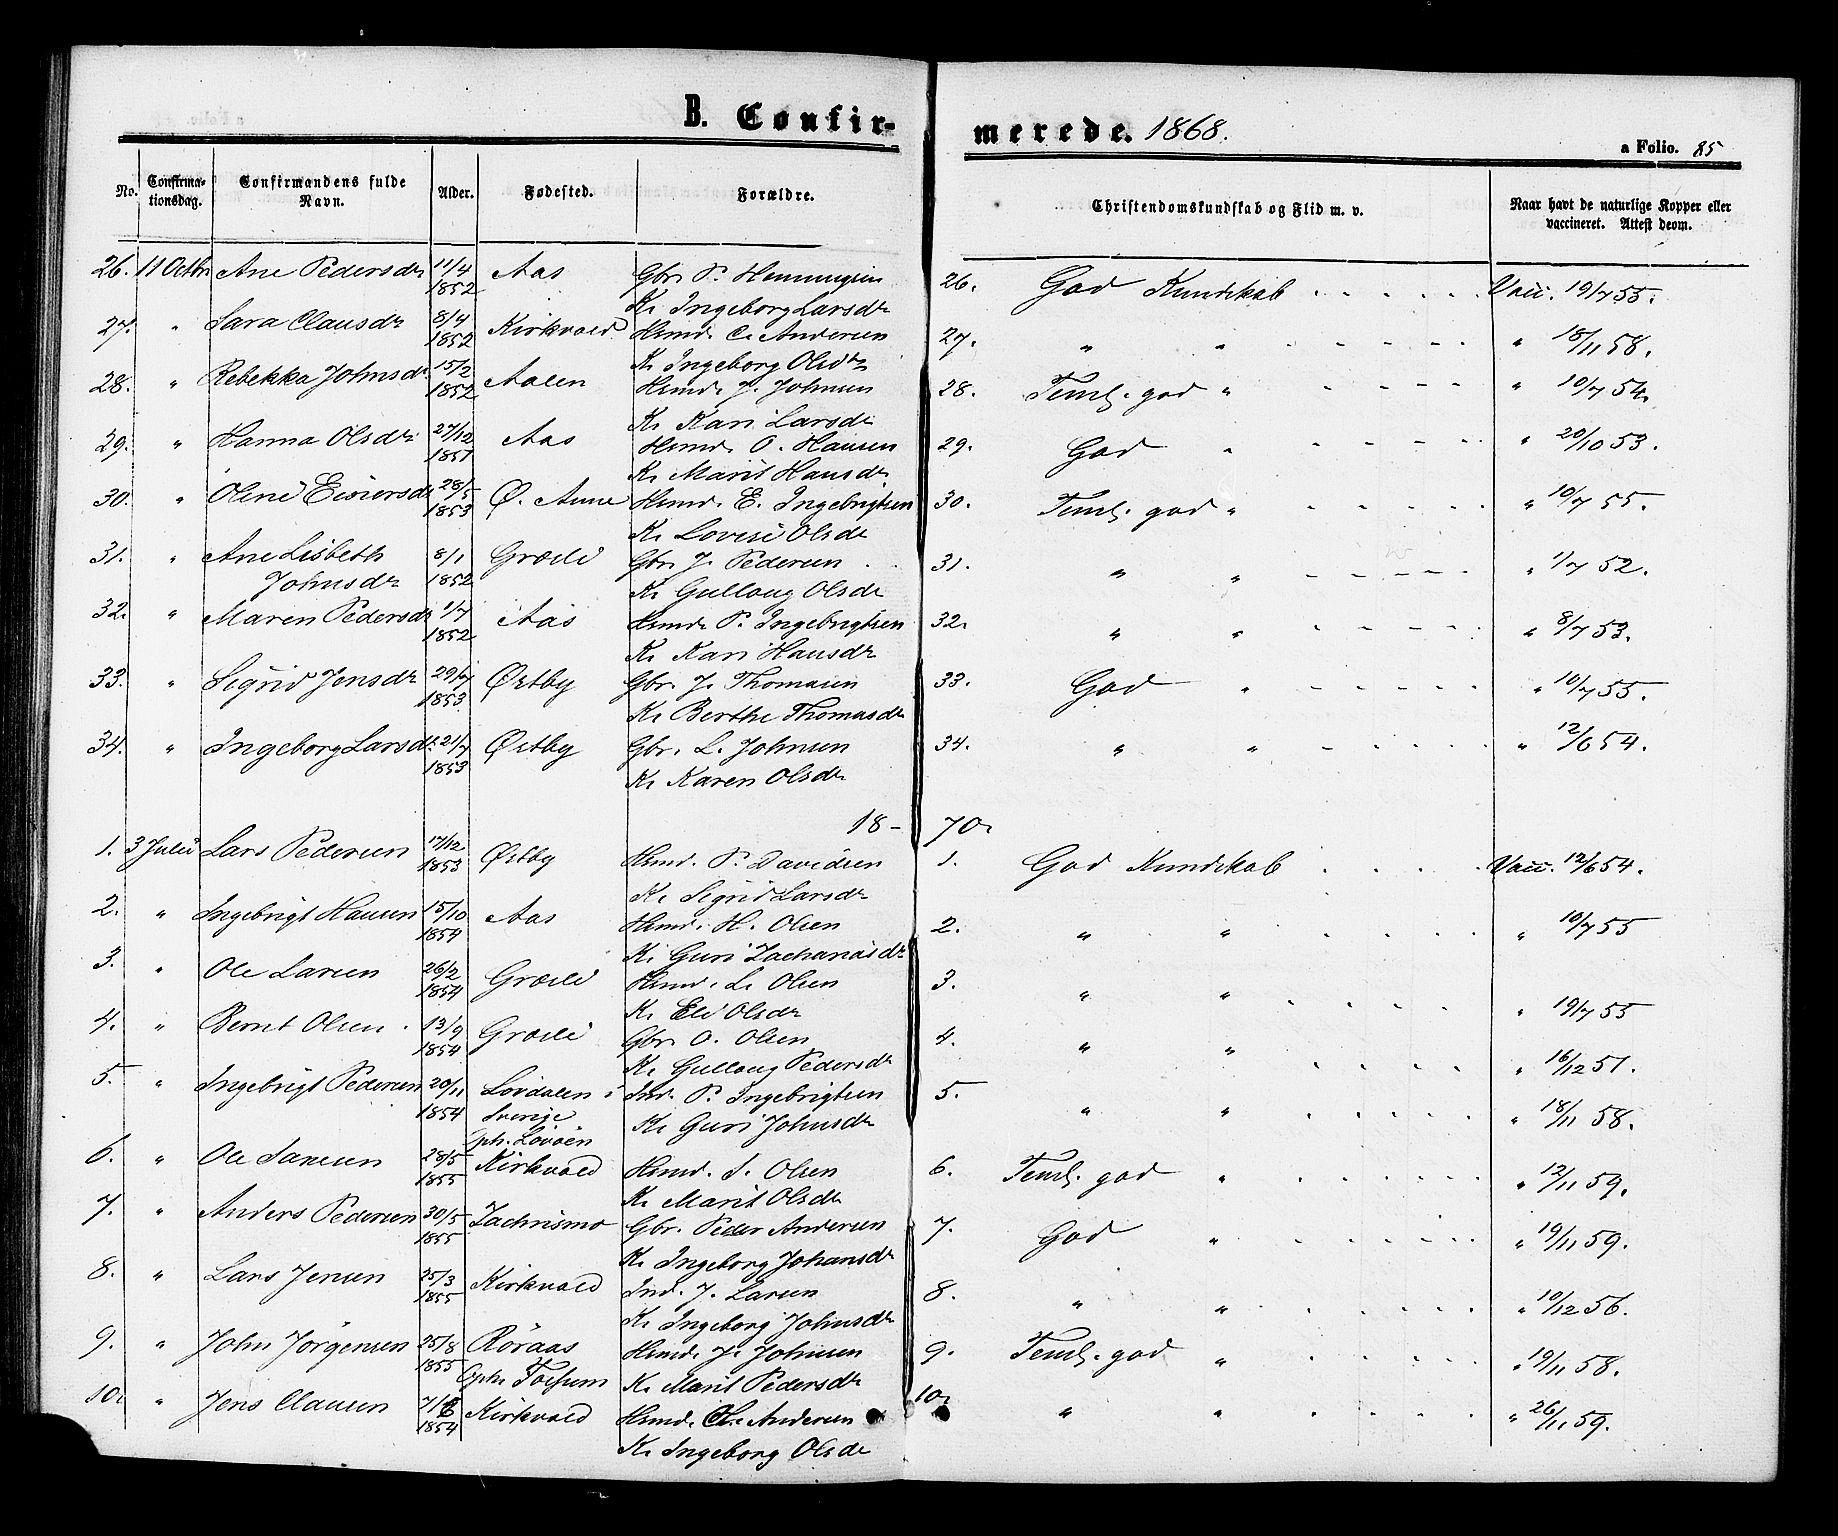 SAT, Ministerialprotokoller, klokkerbøker og fødselsregistre - Sør-Trøndelag, 698/L1163: Ministerialbok nr. 698A01, 1862-1887, s. 85